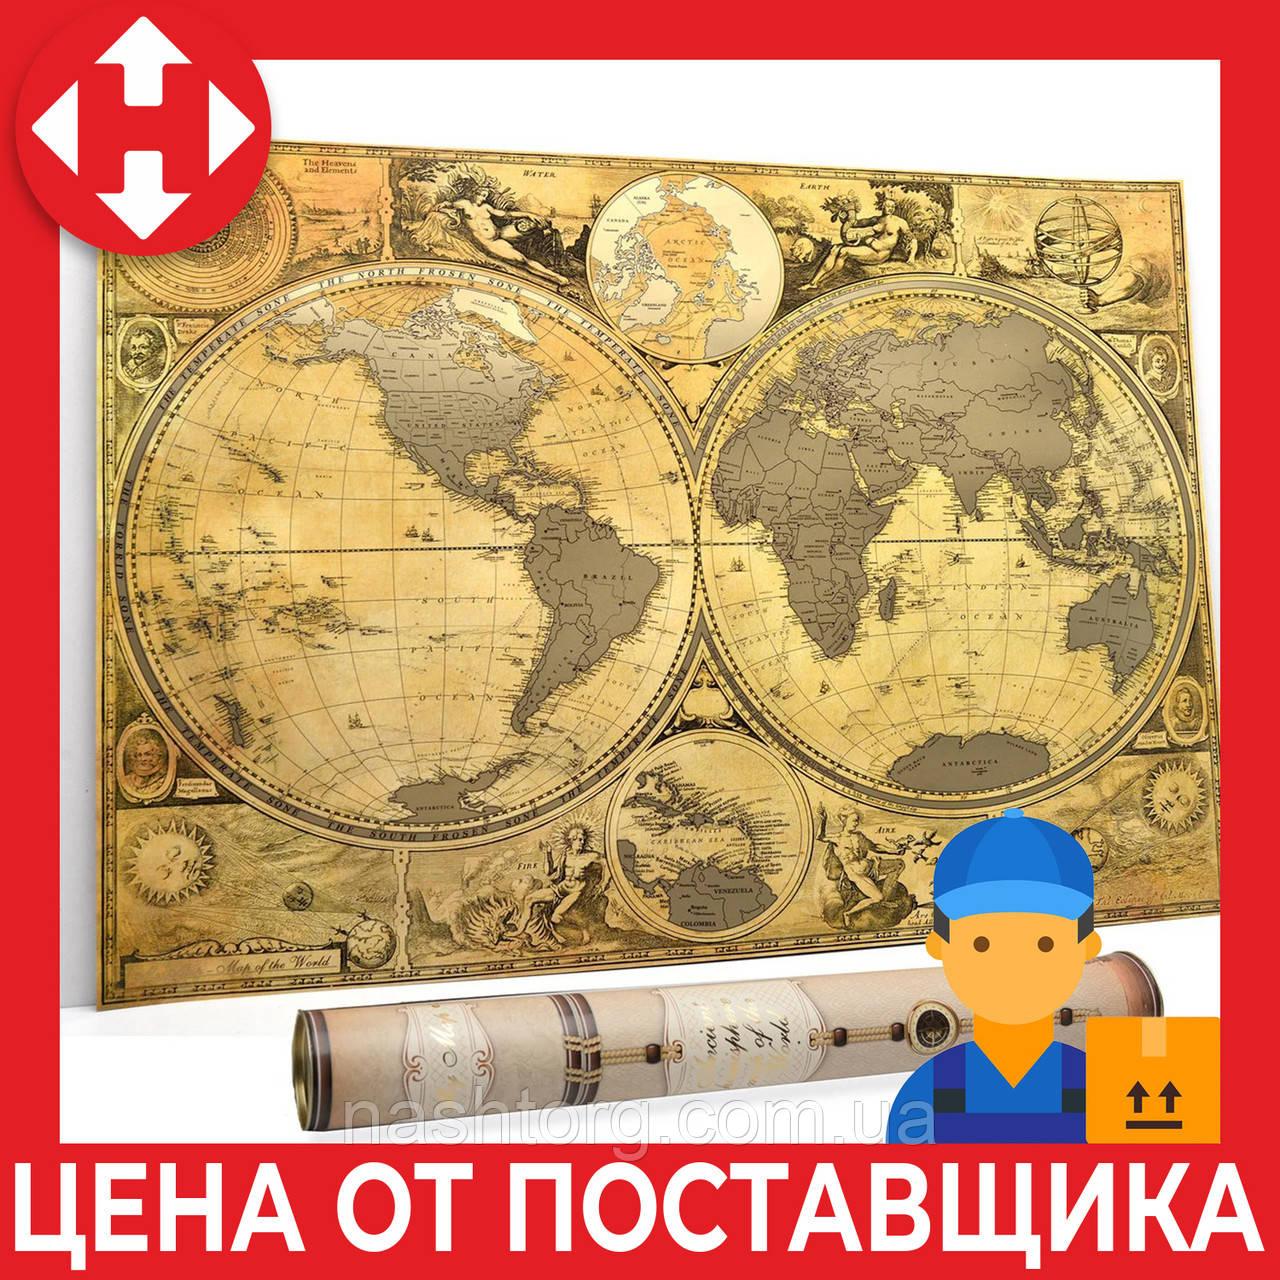 Скретч карта мира, My Map Special Edition, подарок путешественнику, ENG